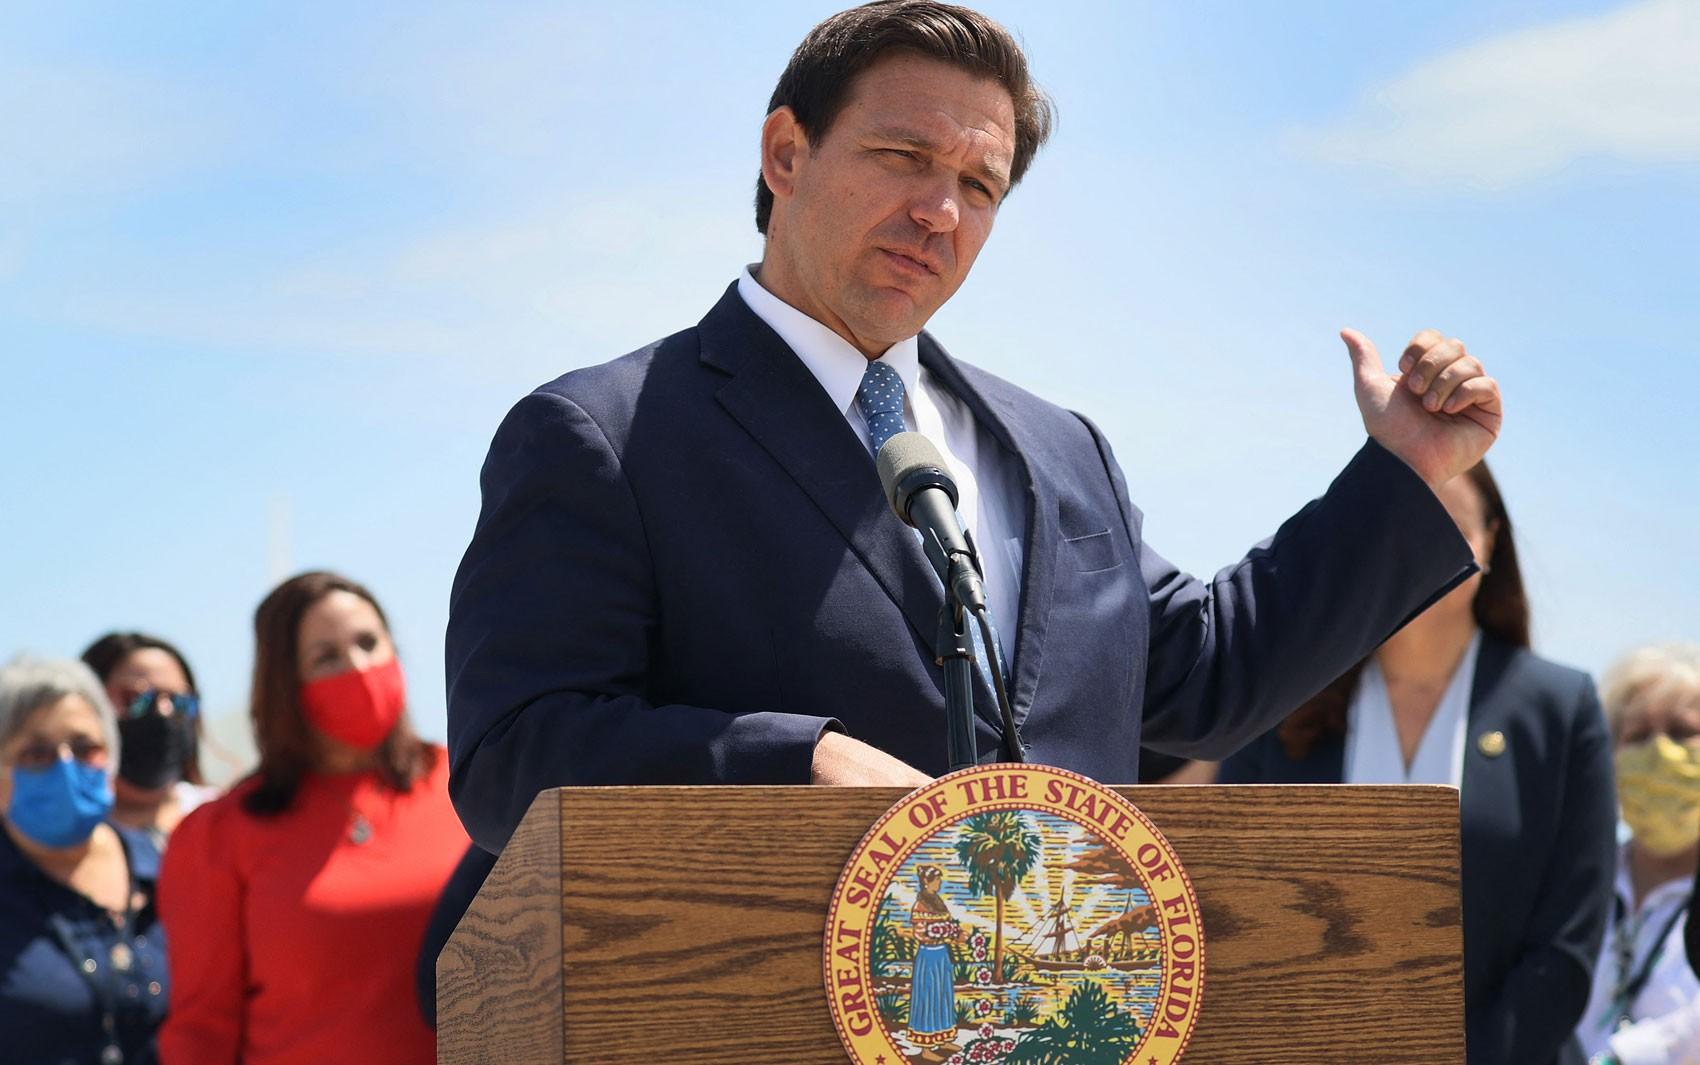 Governador da Flórida restringe voto por correio, agradando apoiadores de Trump